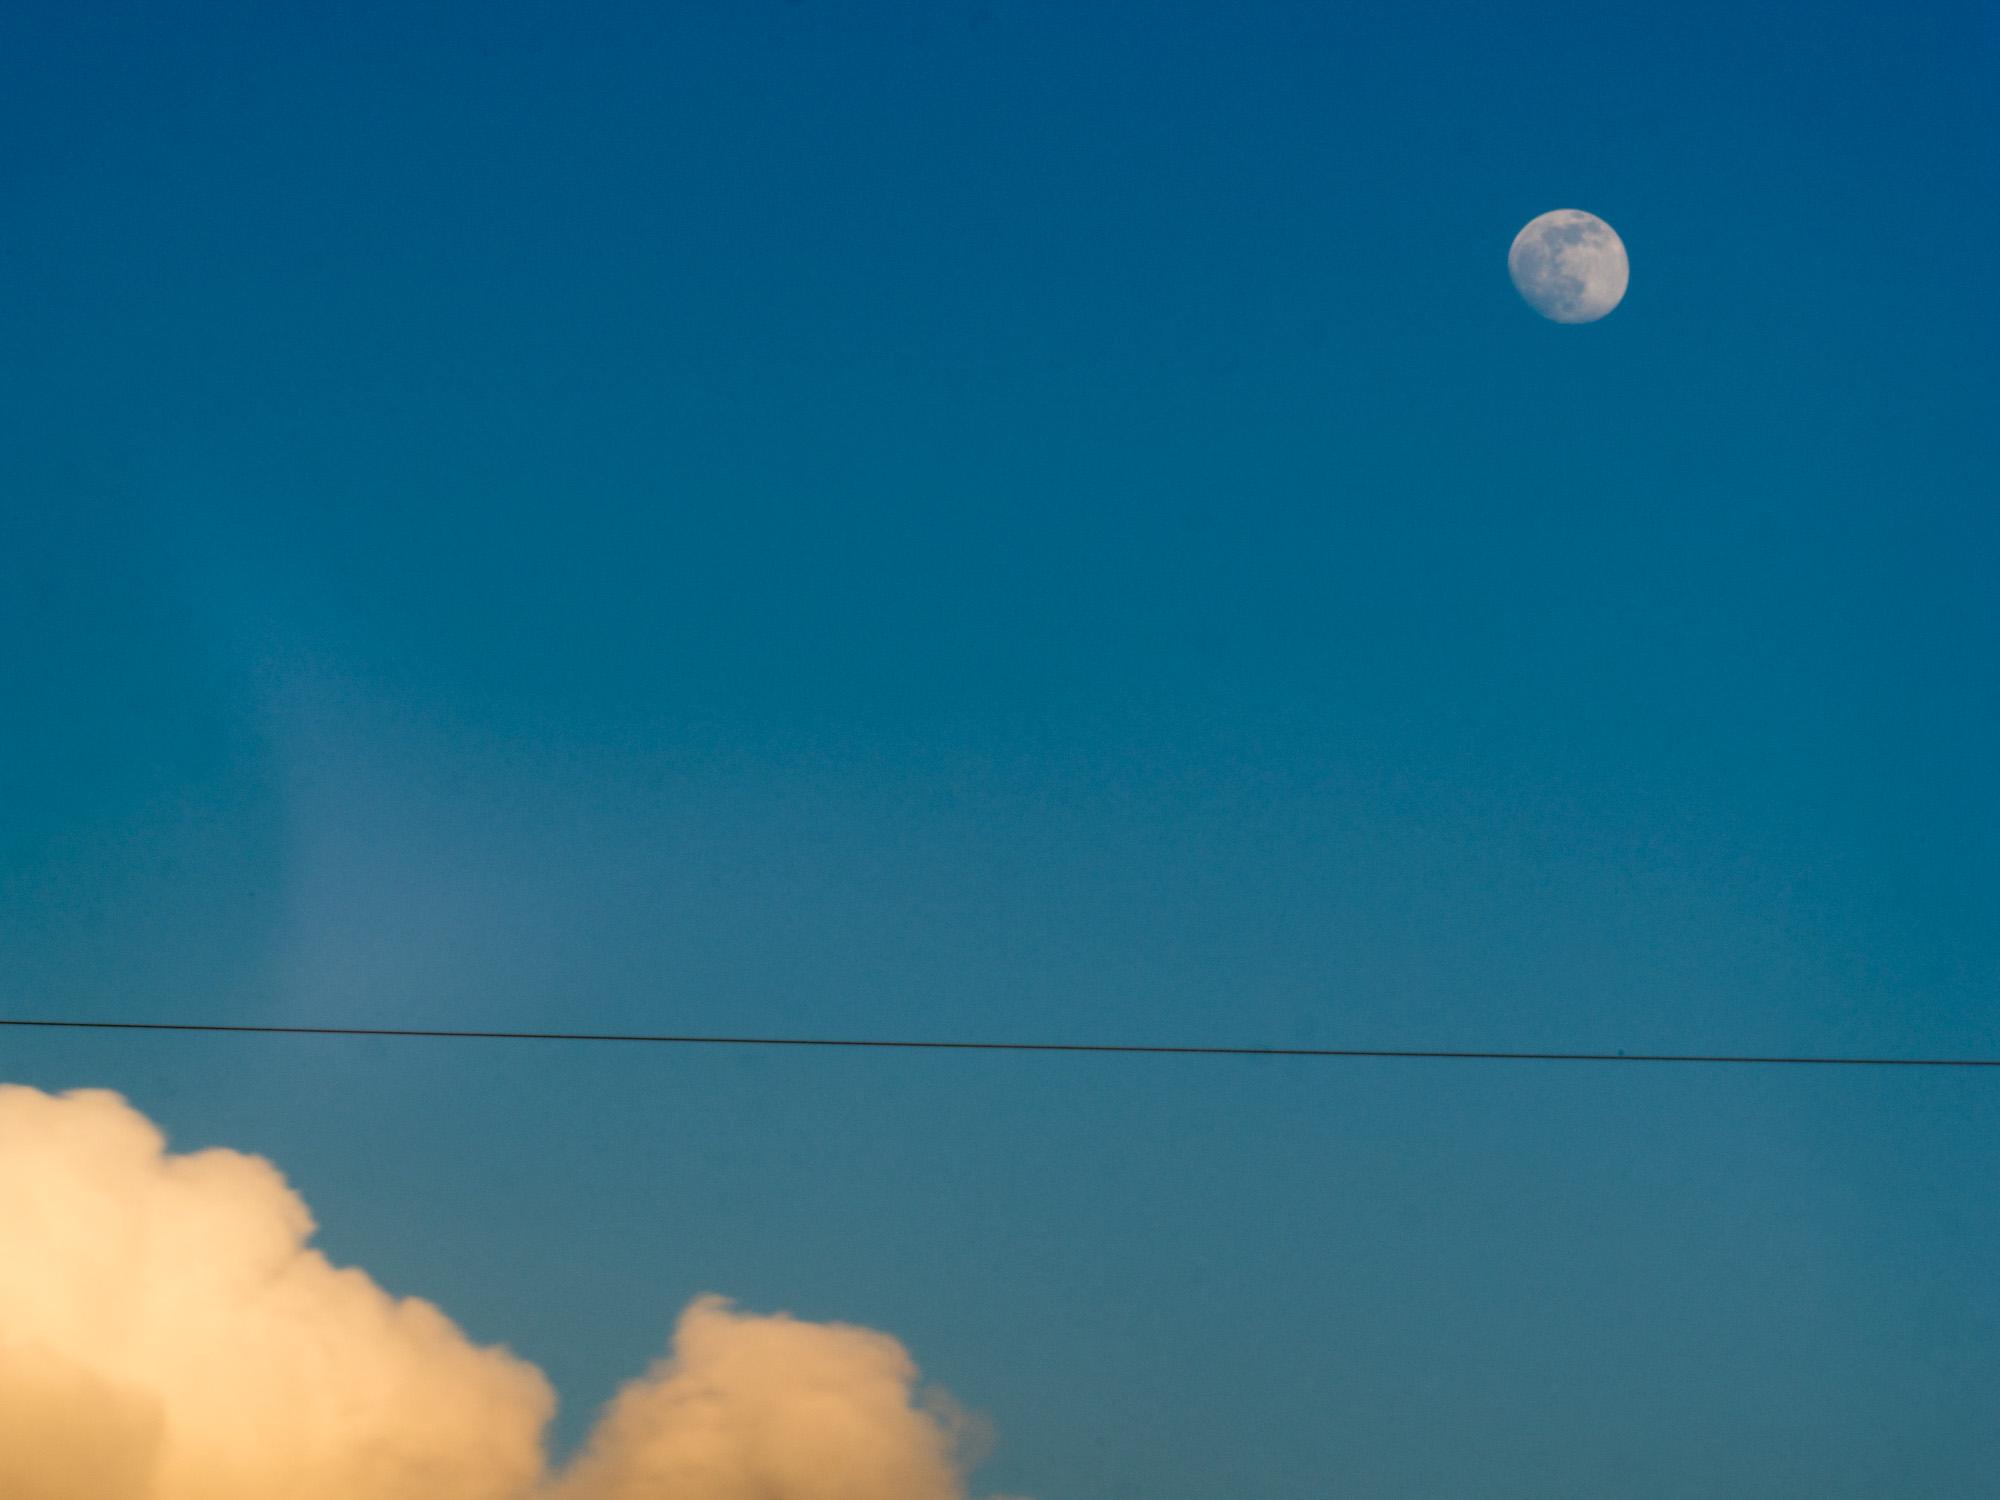 Mond am noch blauen Taghimmel über einem Stromkabel und einer angeleuchteten Wolke